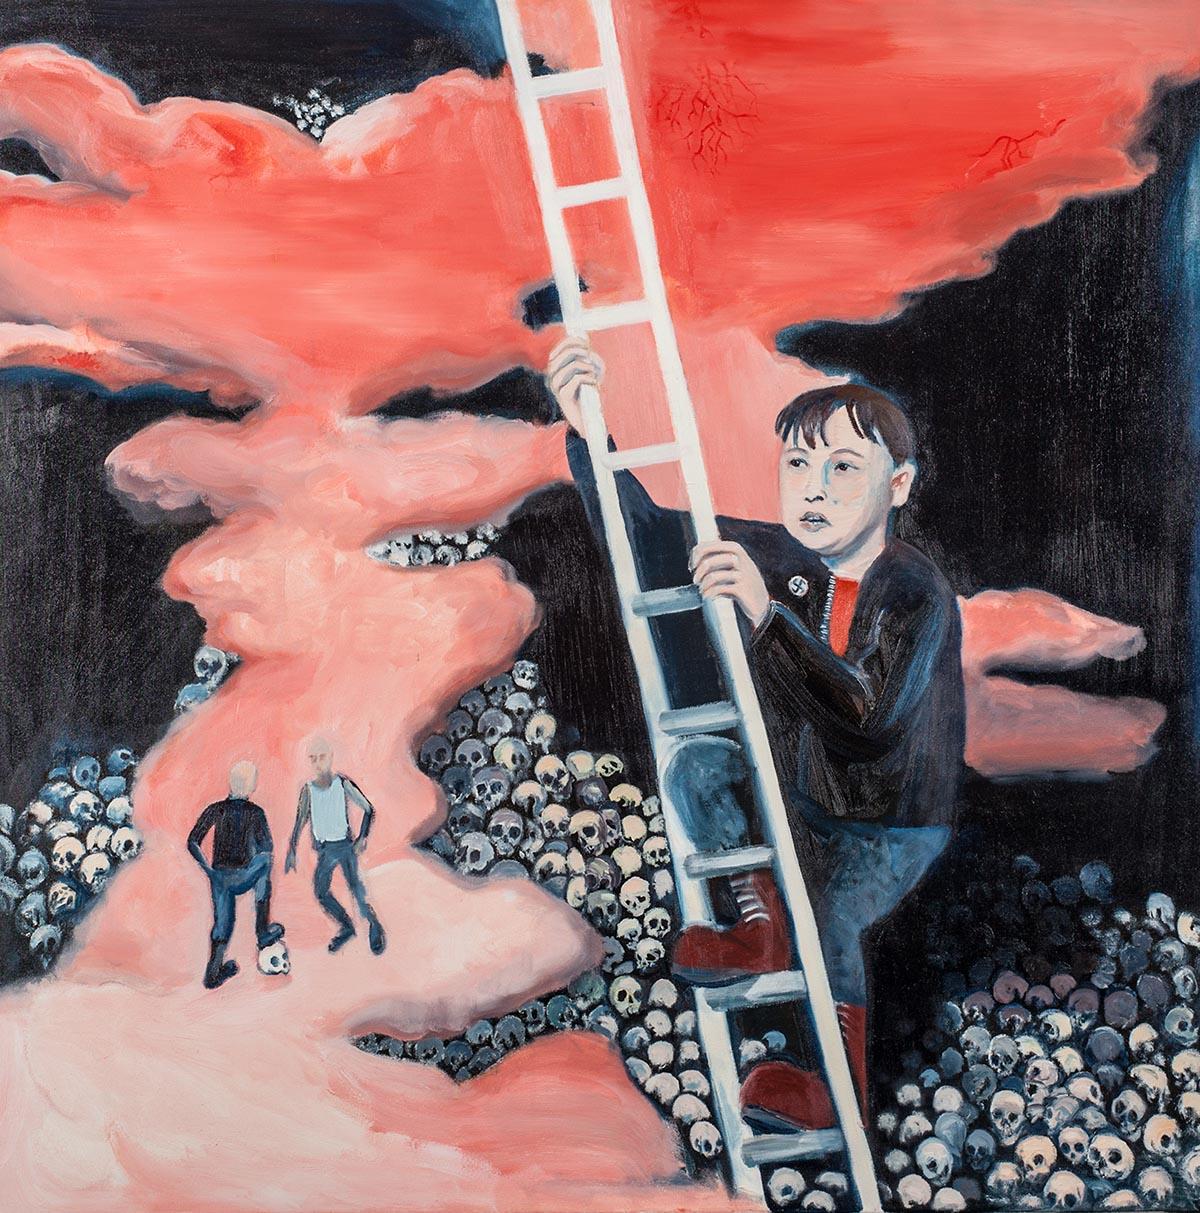 """Michał Gątarek, """"Deliryczne wniebowstąpienie"""", 2013, II Nagroda – Marszałka Województwa Śląskiego (źródło: materiały prasowe organizatora)"""